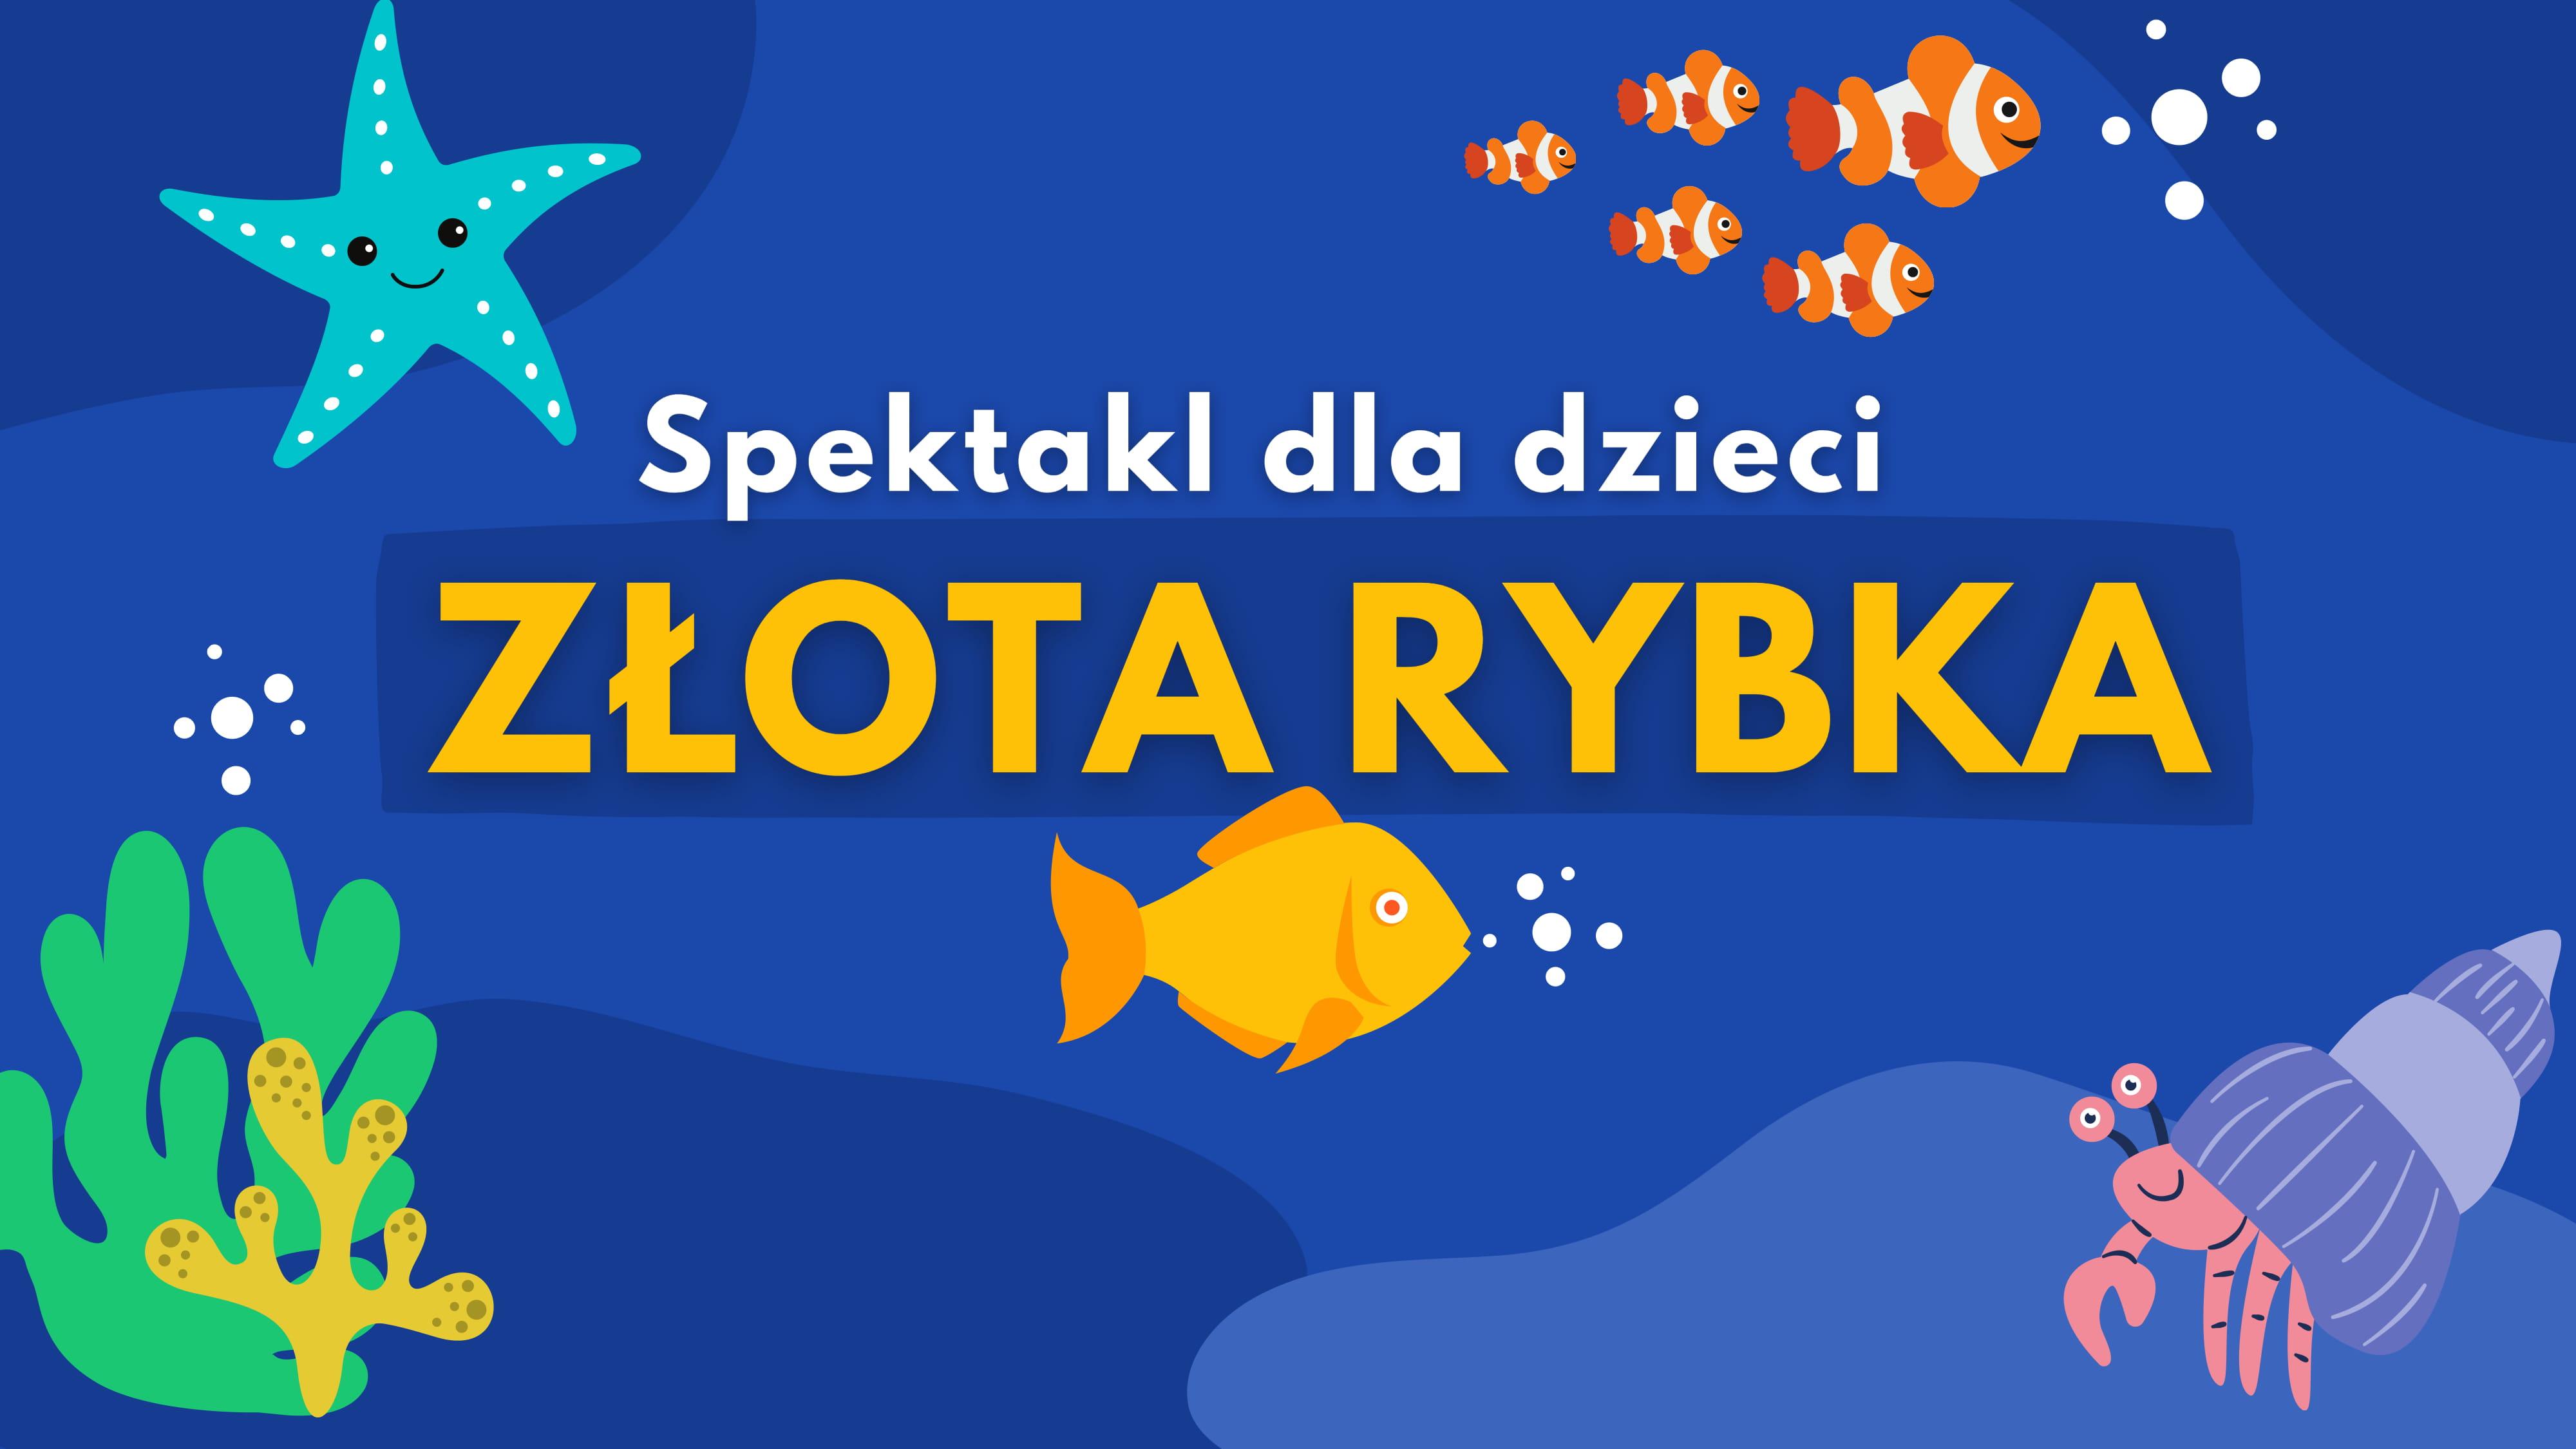 """slider do wydarzenia """"spektakl dla dzieci złota rybka online"""""""